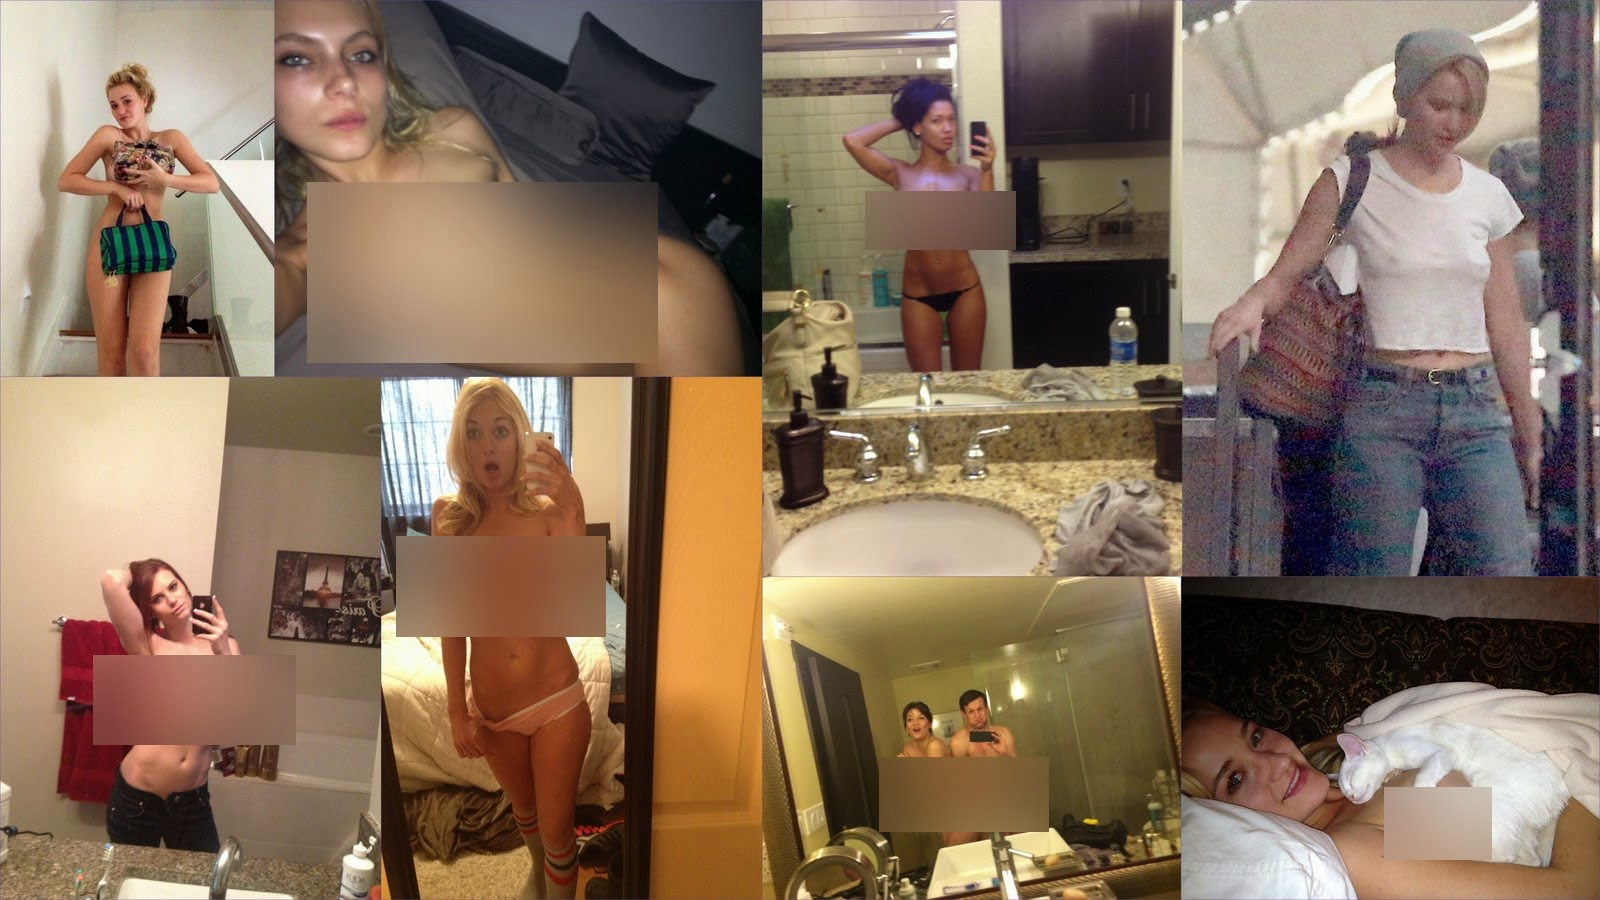 Приватные фото звёзд Голливуда. Часть-5 / Private photos of Hollywood stars. Part-5.